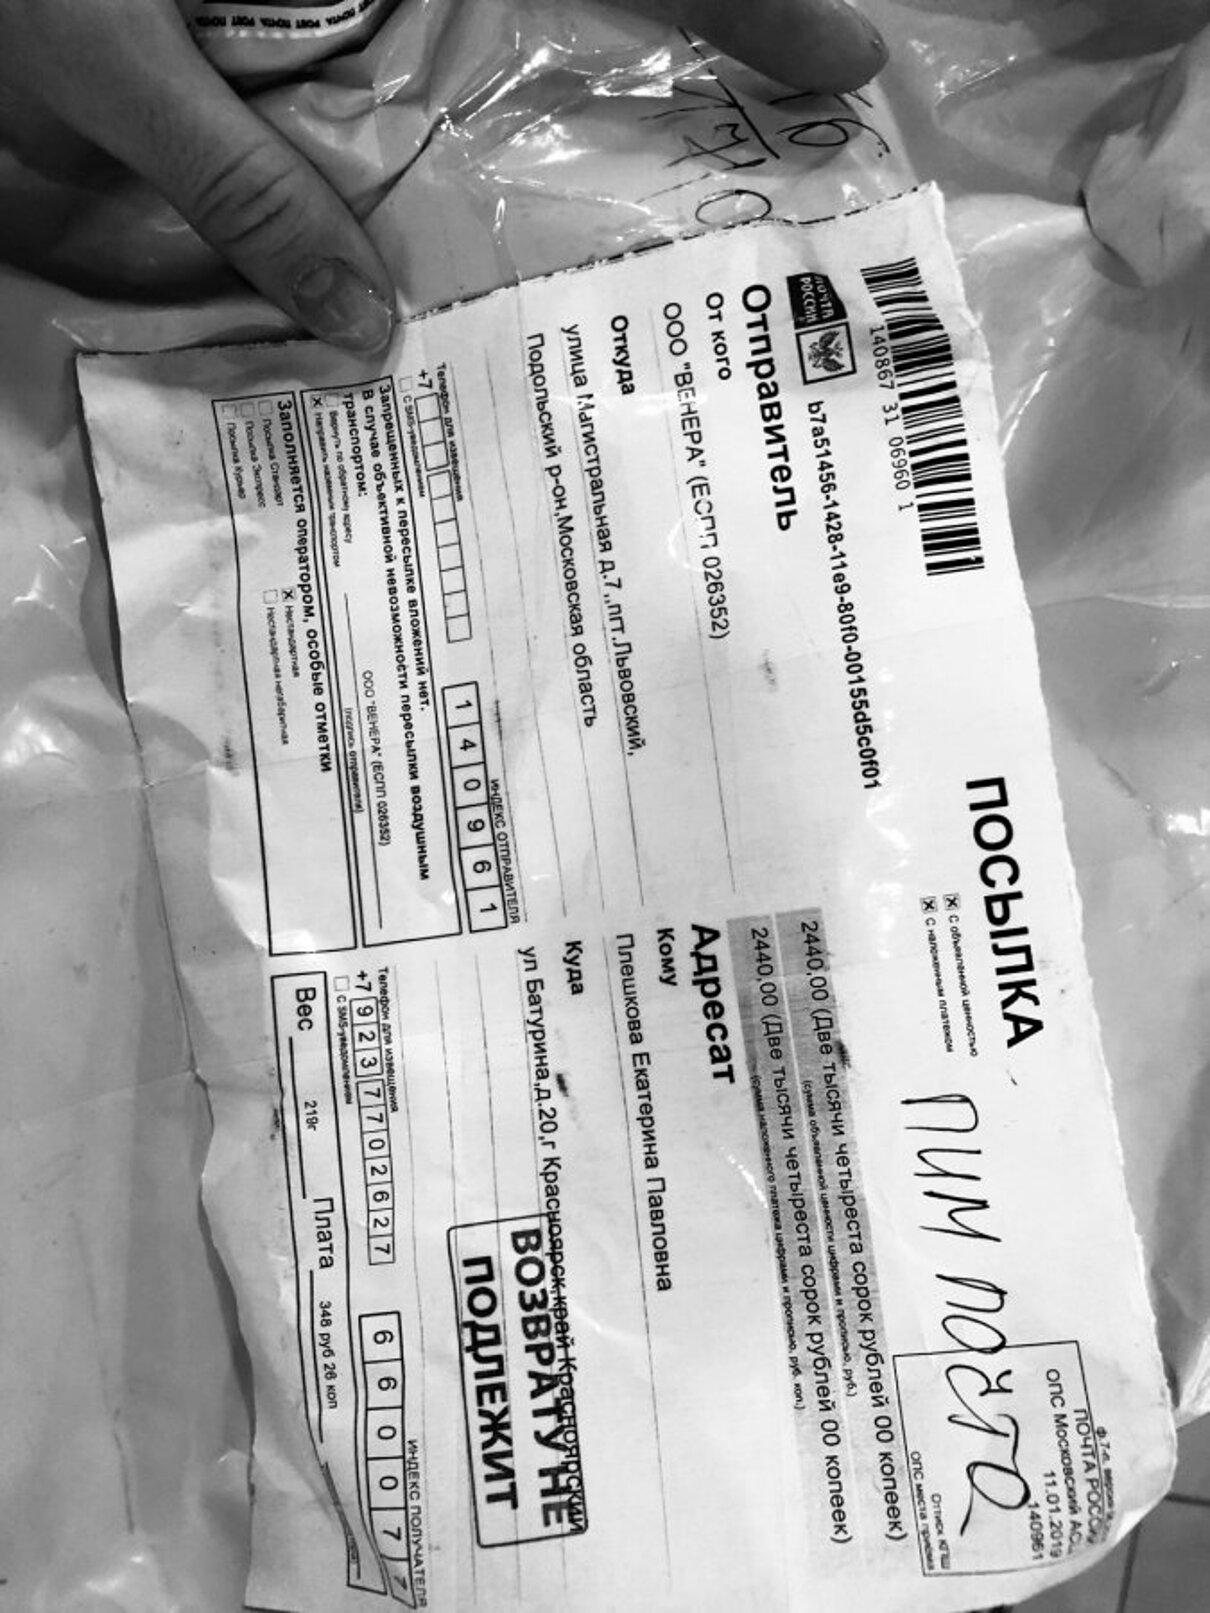 Жалоба-отзыв: ПИМ Почта - Возврат денежных средст за несоответвующий товар